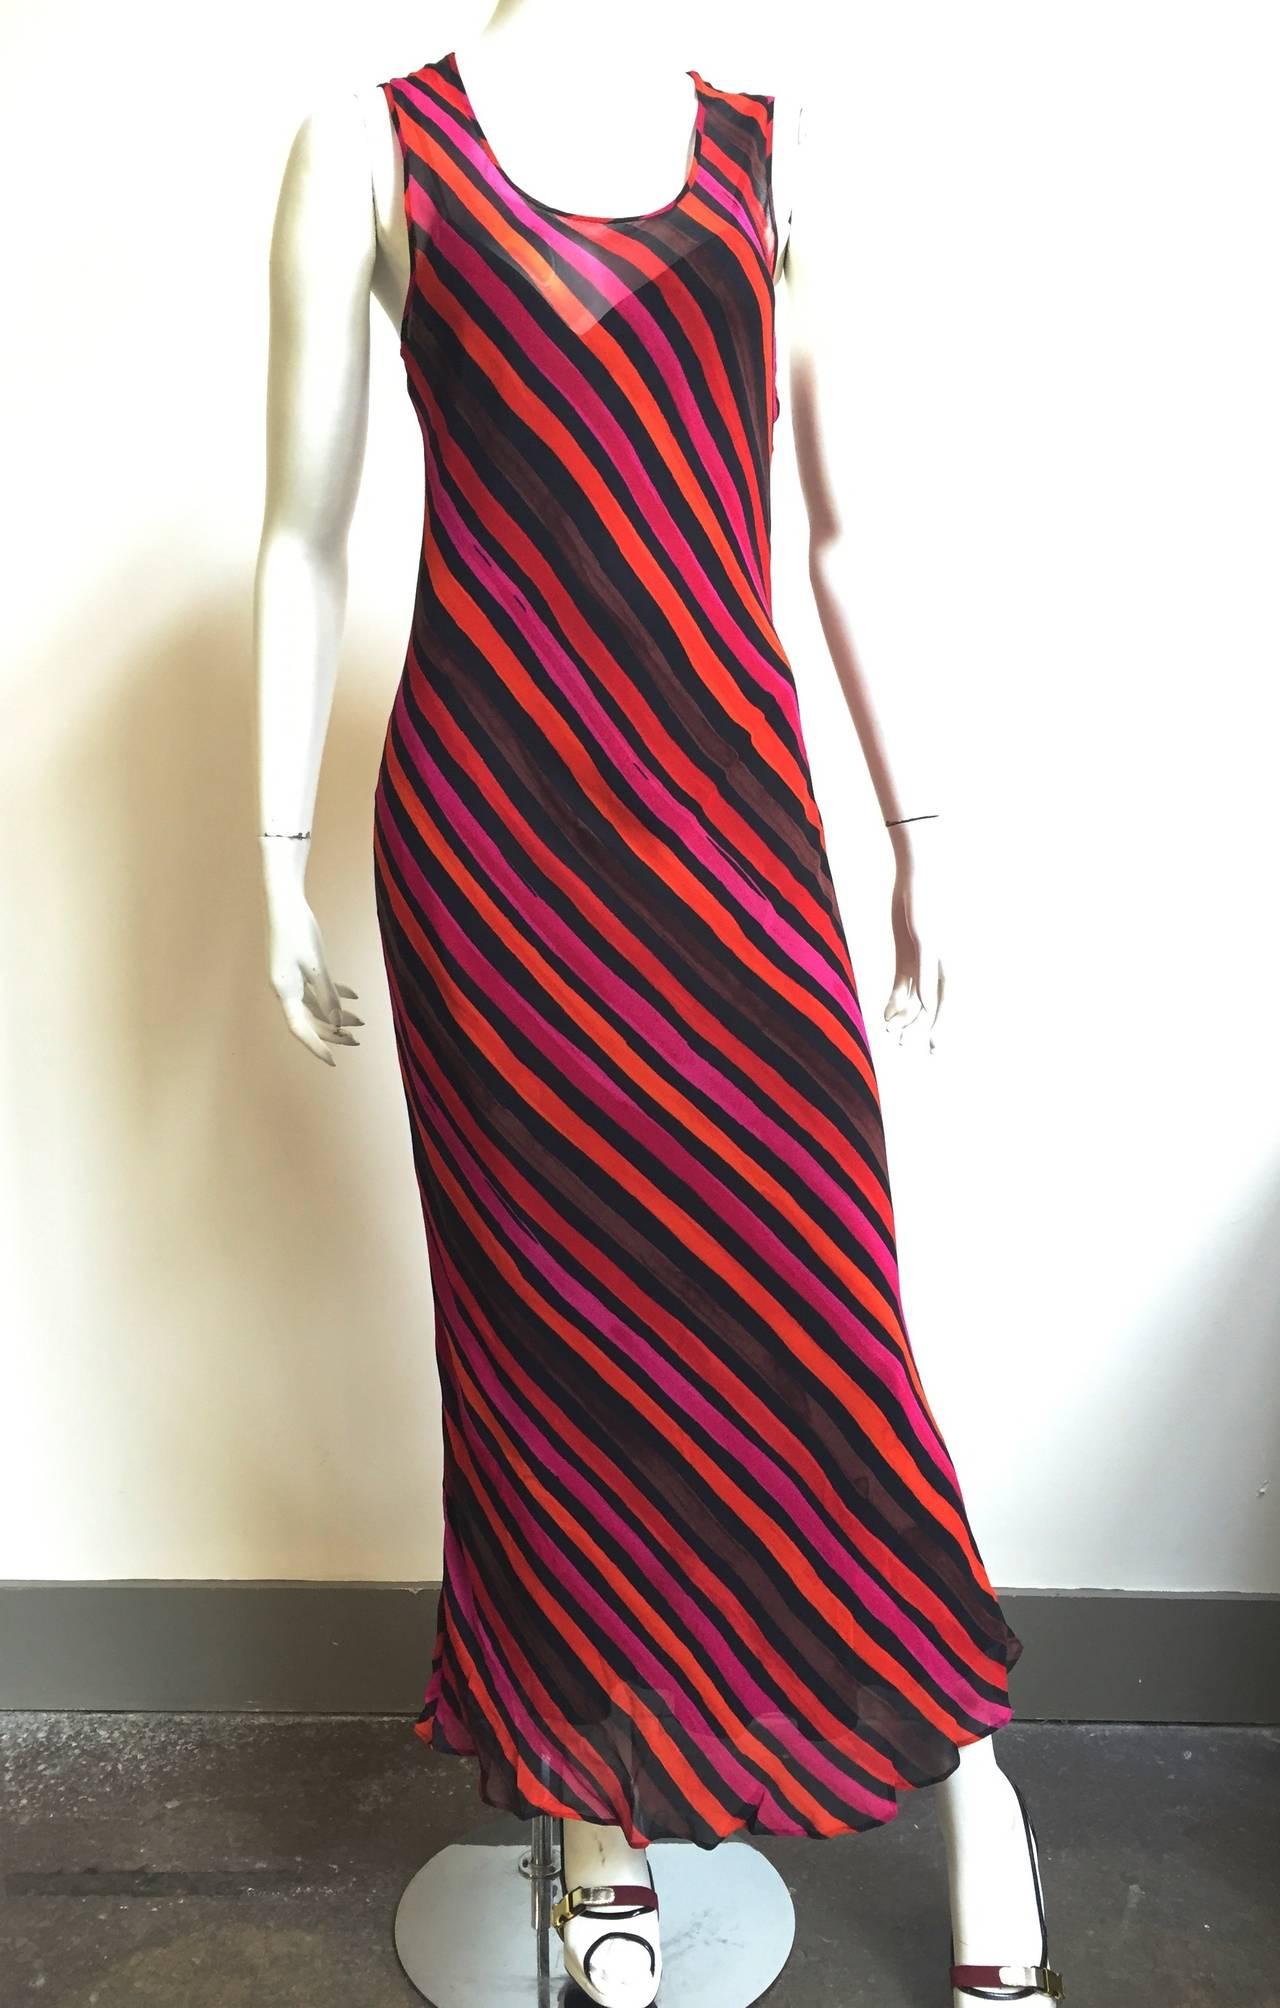 Sonia Rykiel  Striped Dress Size 4 / 6. For Sale 4